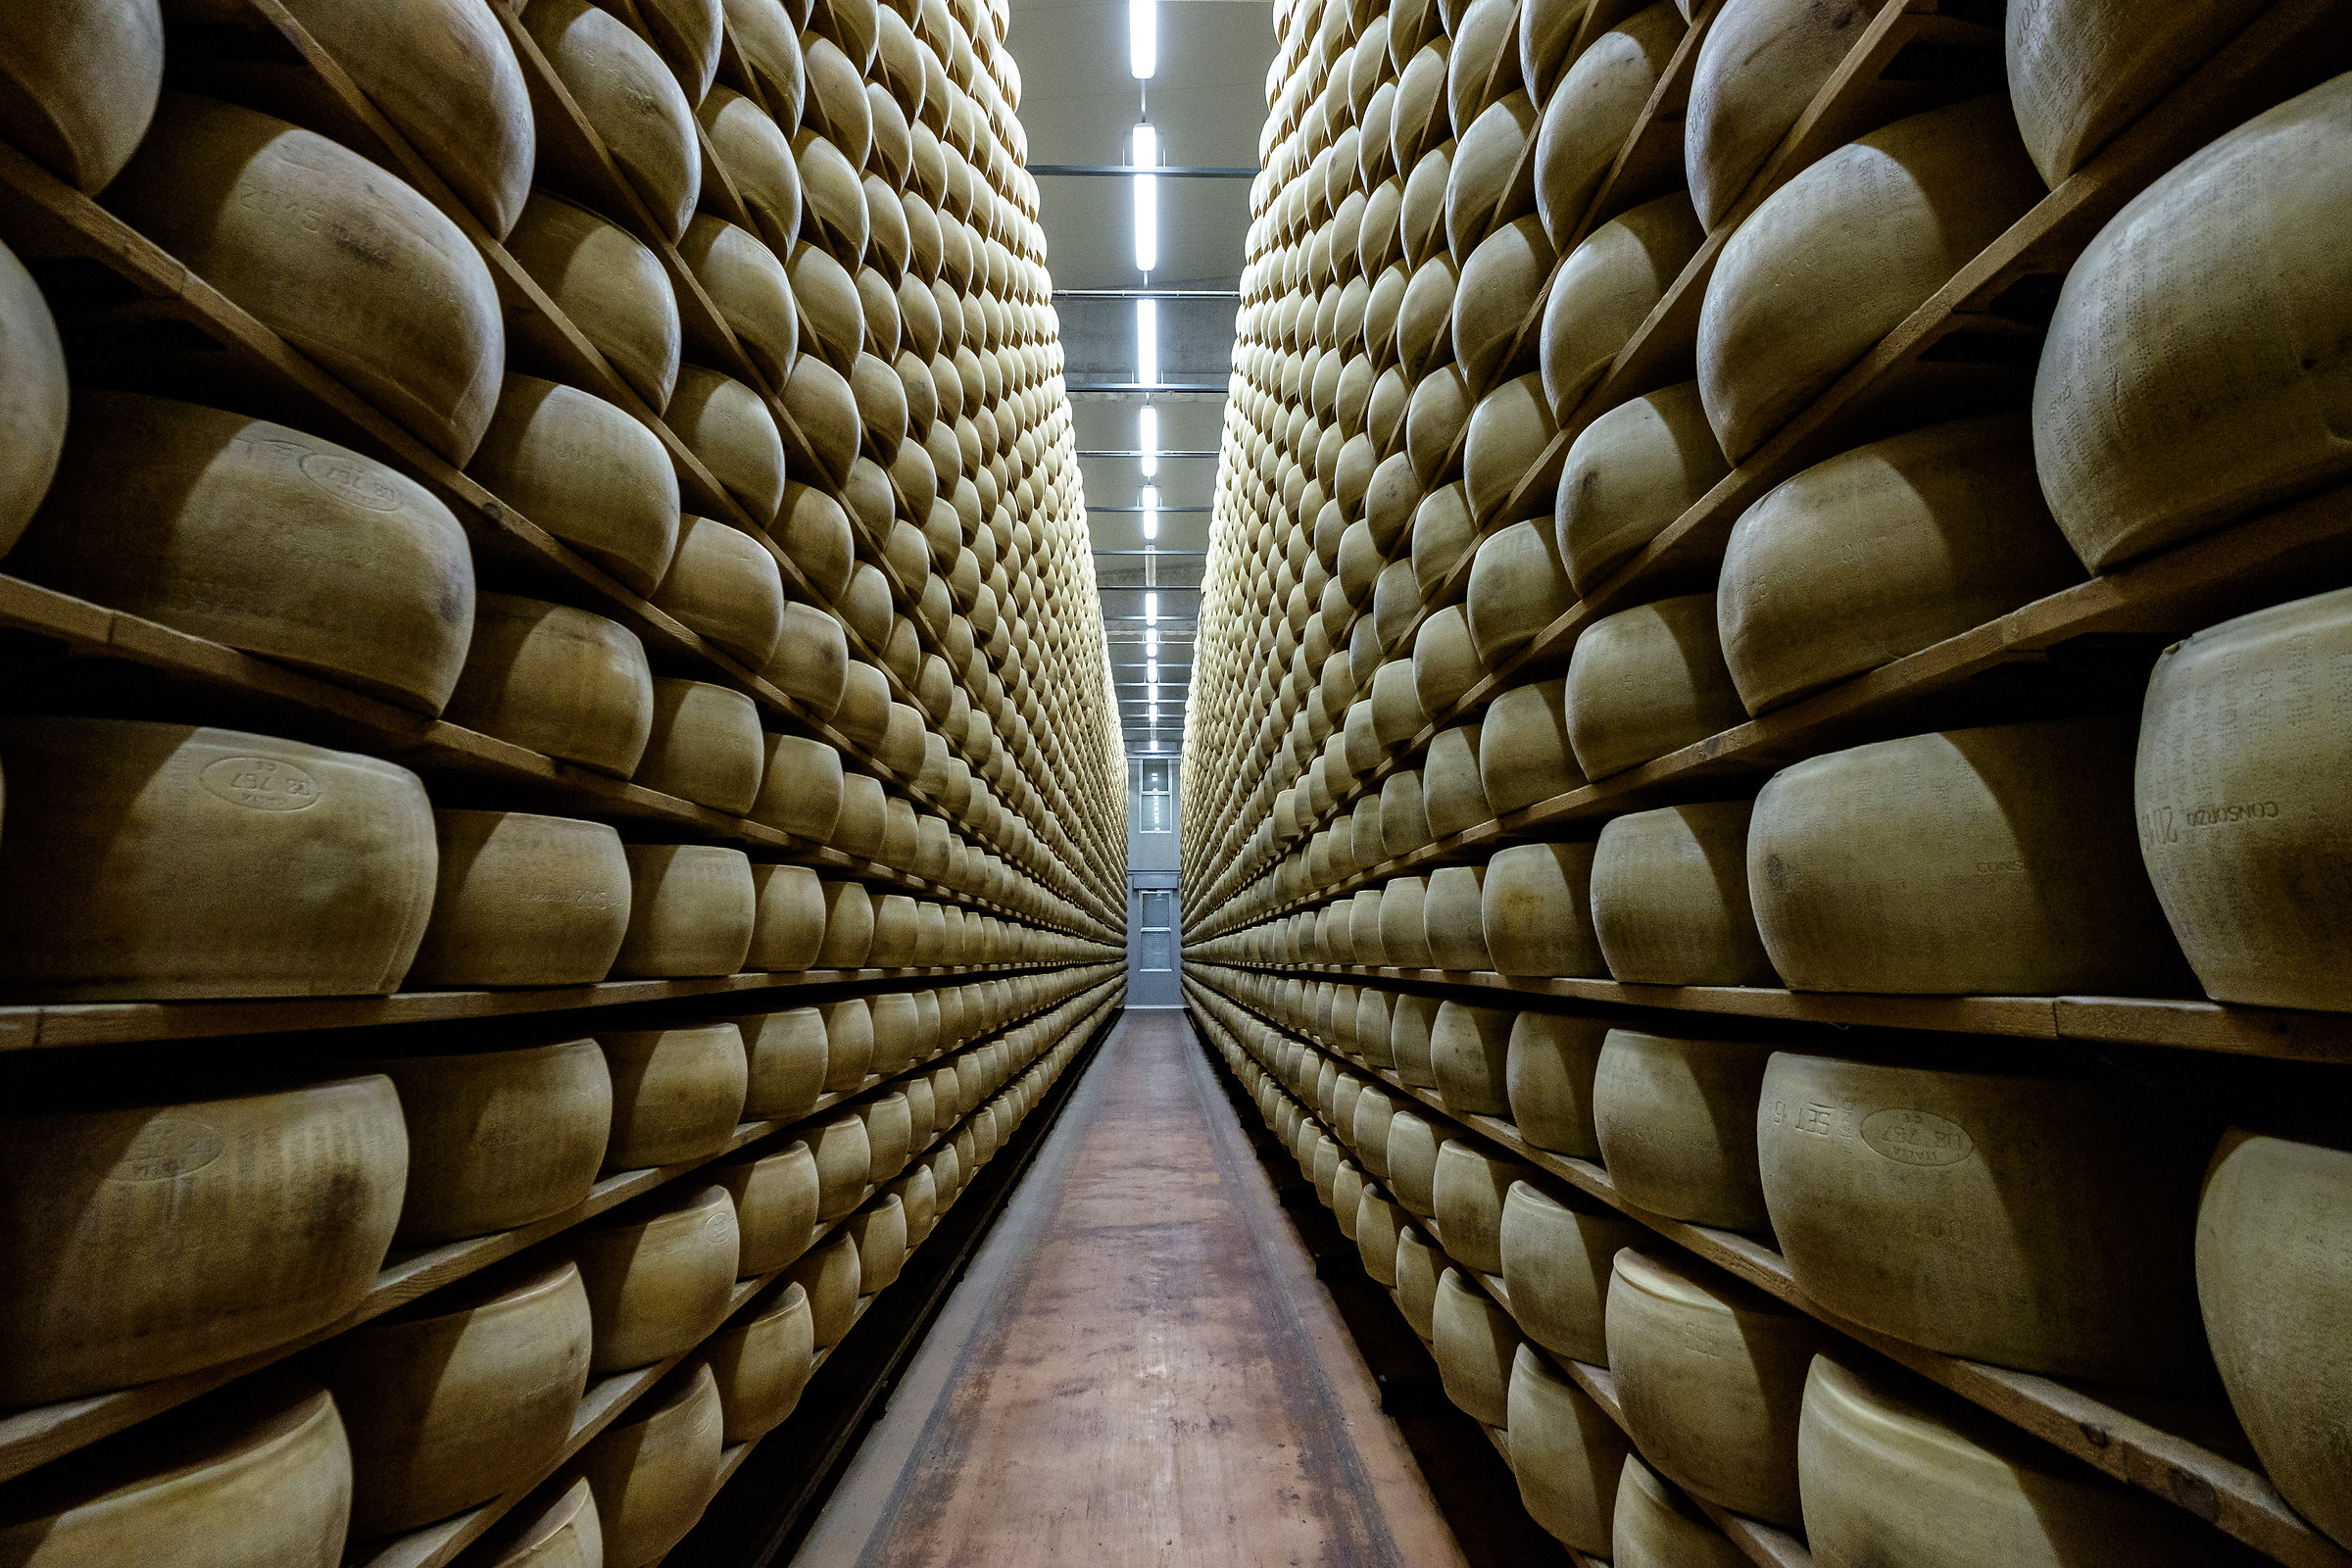 A bit 'of Parmigiano...